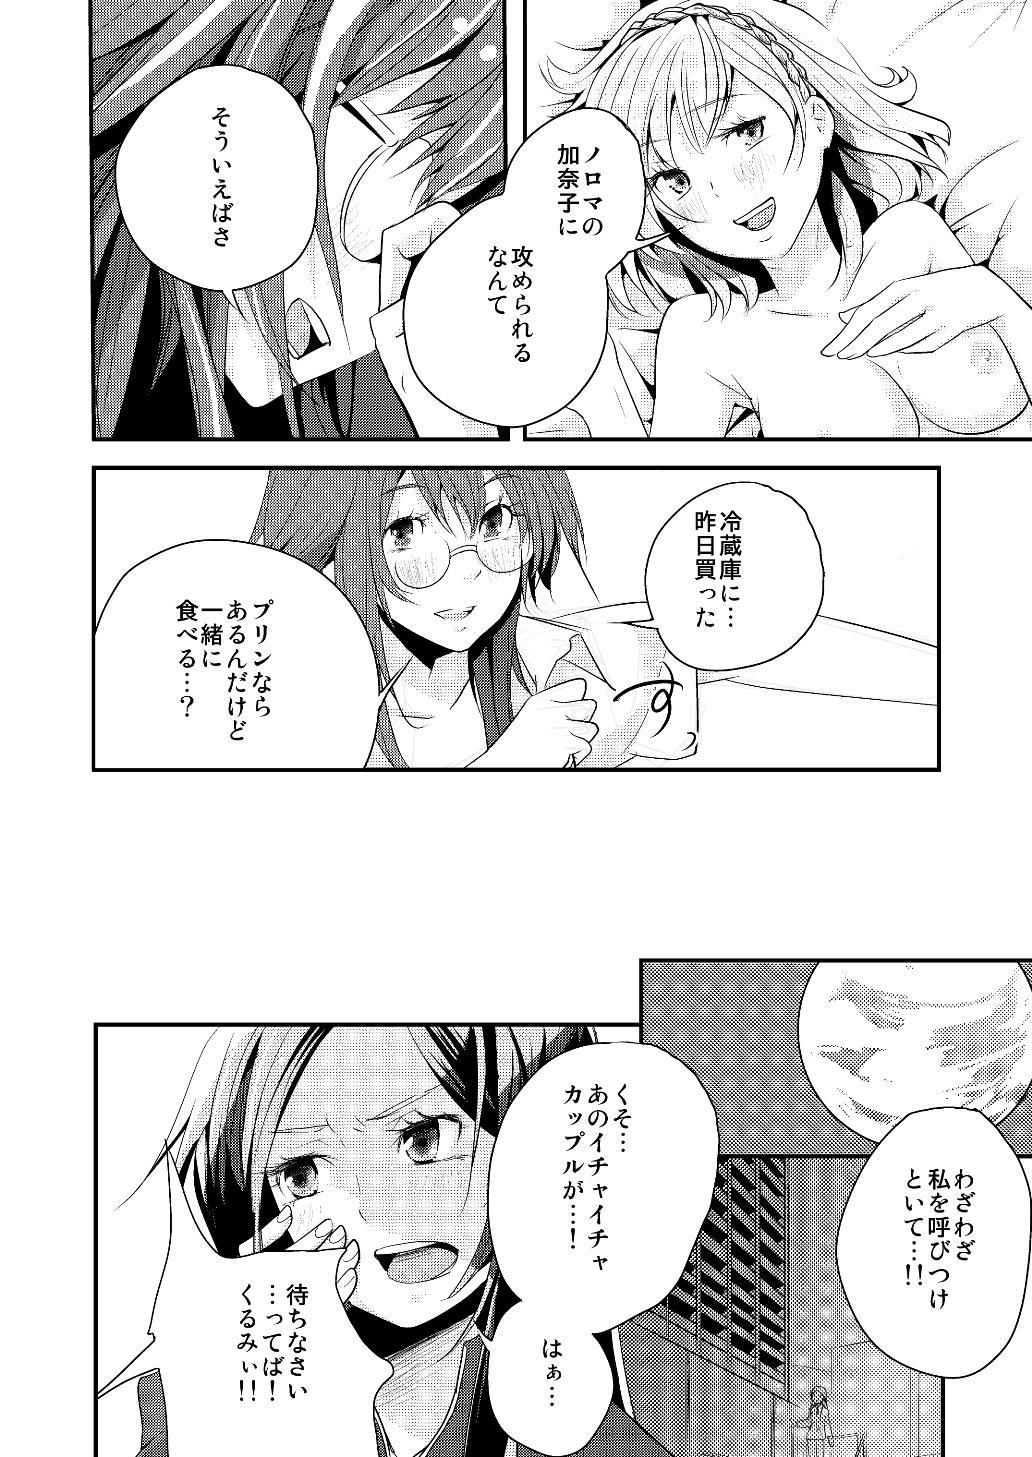 Yakusoku no Sora to Kimigaita Basho 1 ~ 2 65